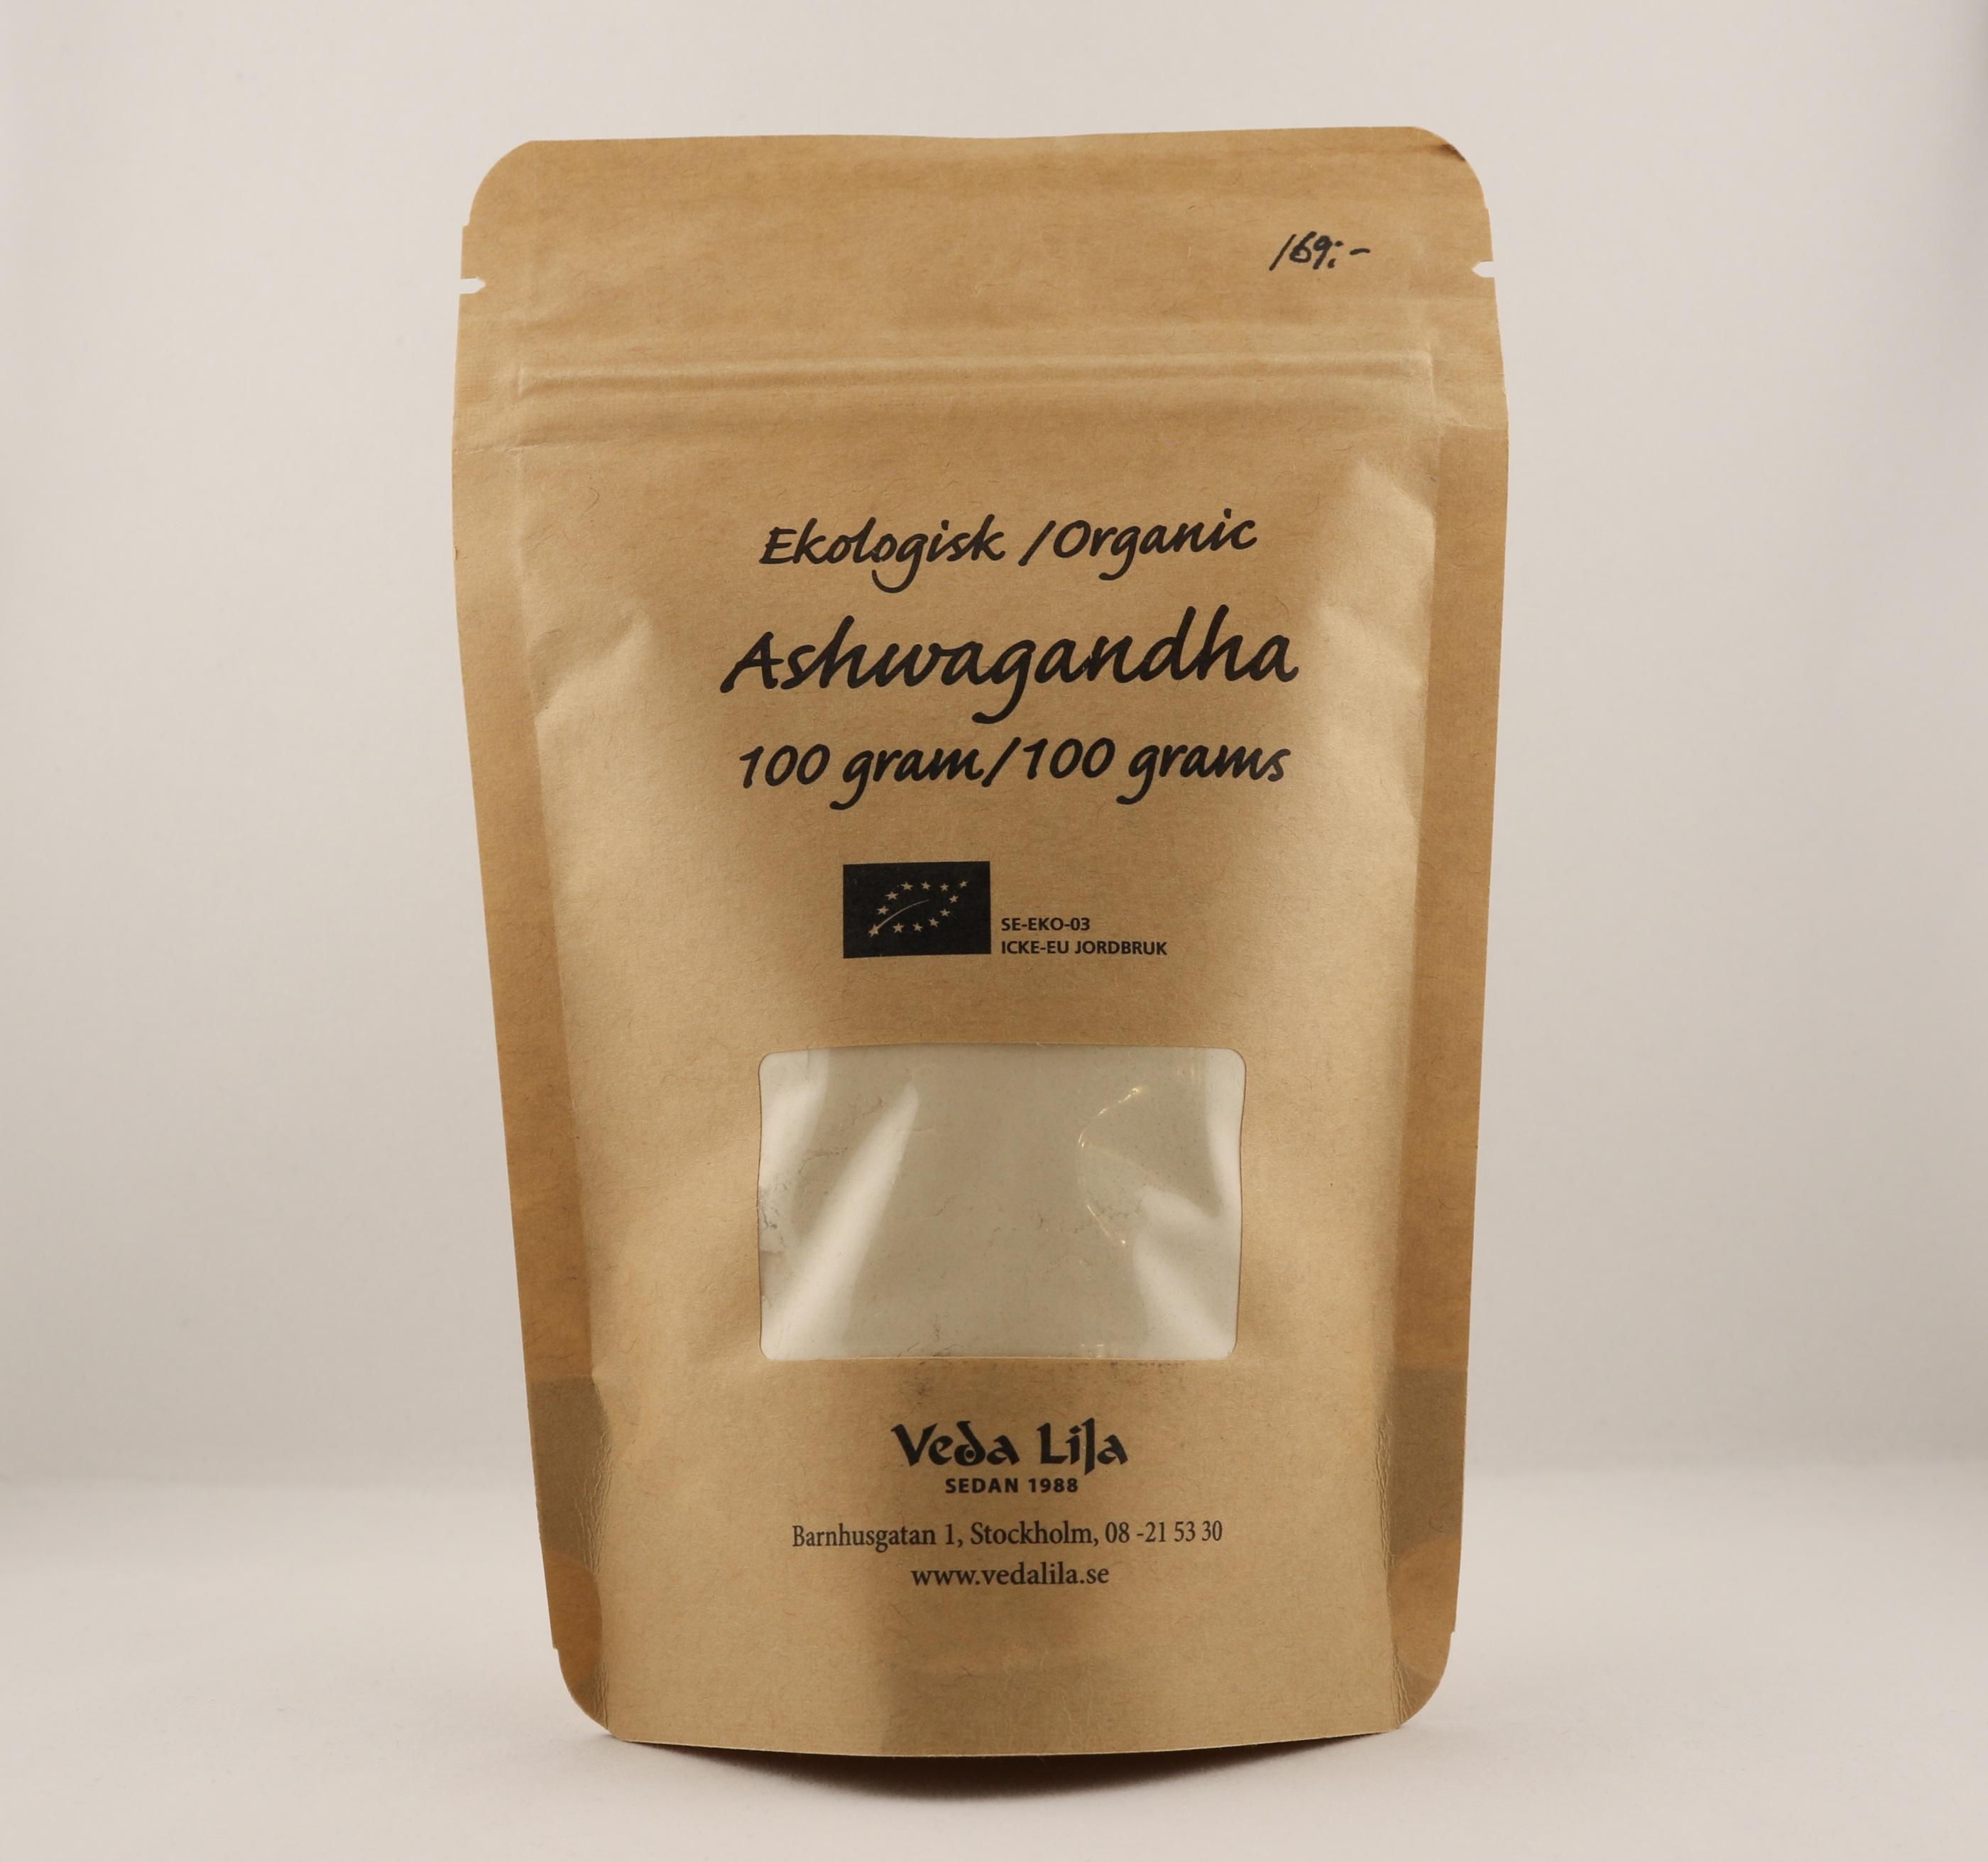 Ashwagandha holistisk alternativ örttillskott kosttillskott homeopati hälsa